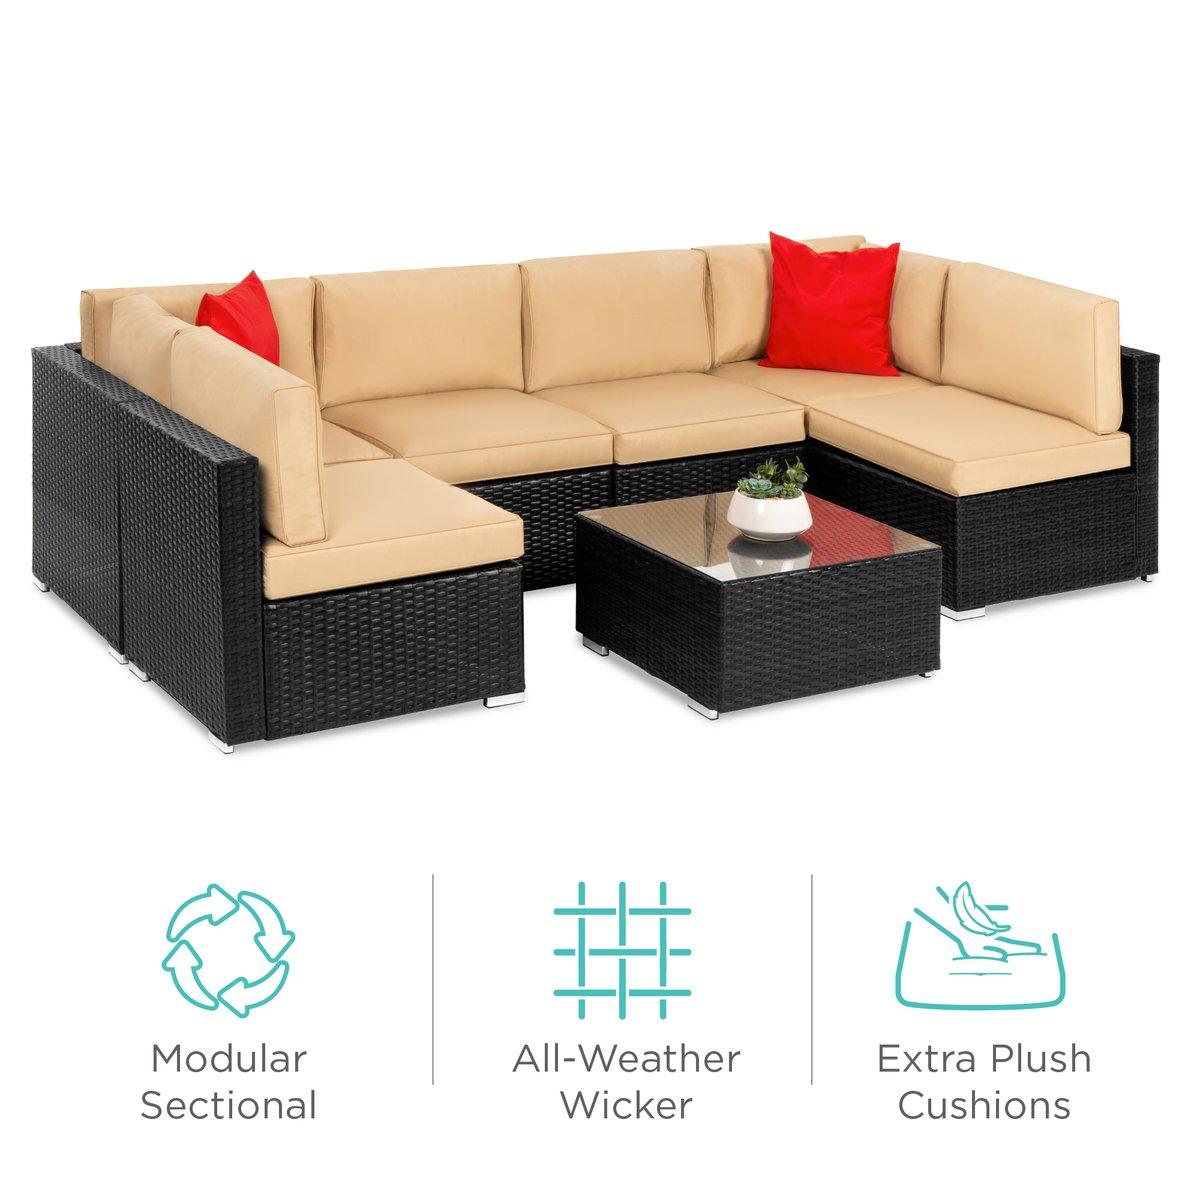 7-Piece Modular Wicker Sectional Conversation Set w/ 2 Pillows, Cover $599.99